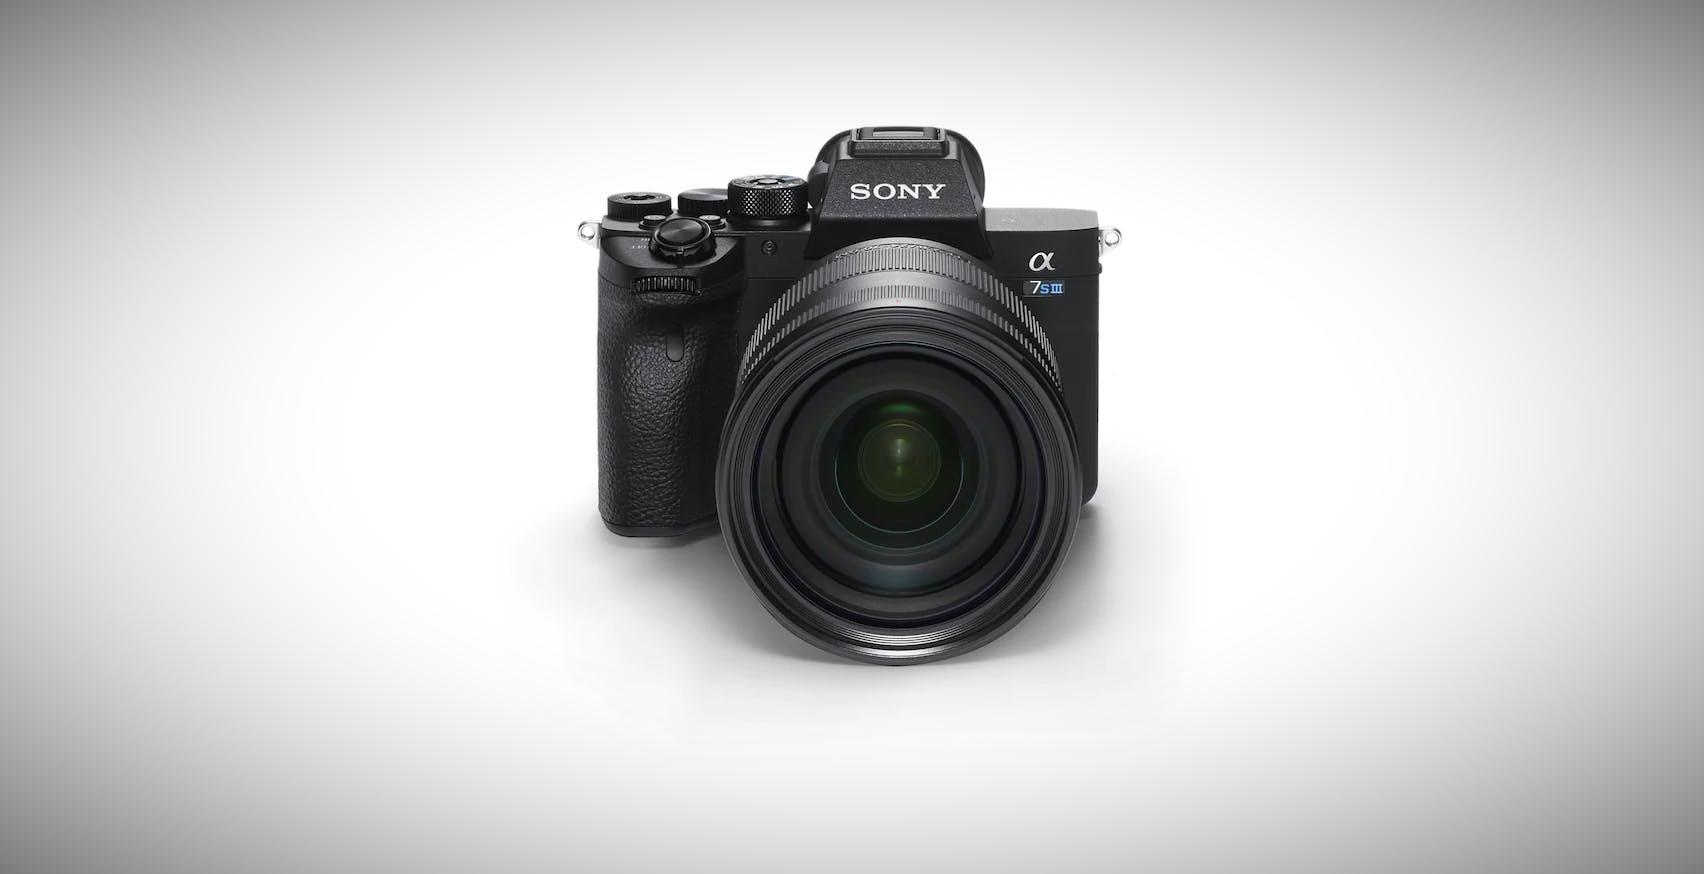 L'attesissima Sony A7S III debutta il 28 luglio. La full frame di riferimento per i videomaker arriva a 4K a 120p